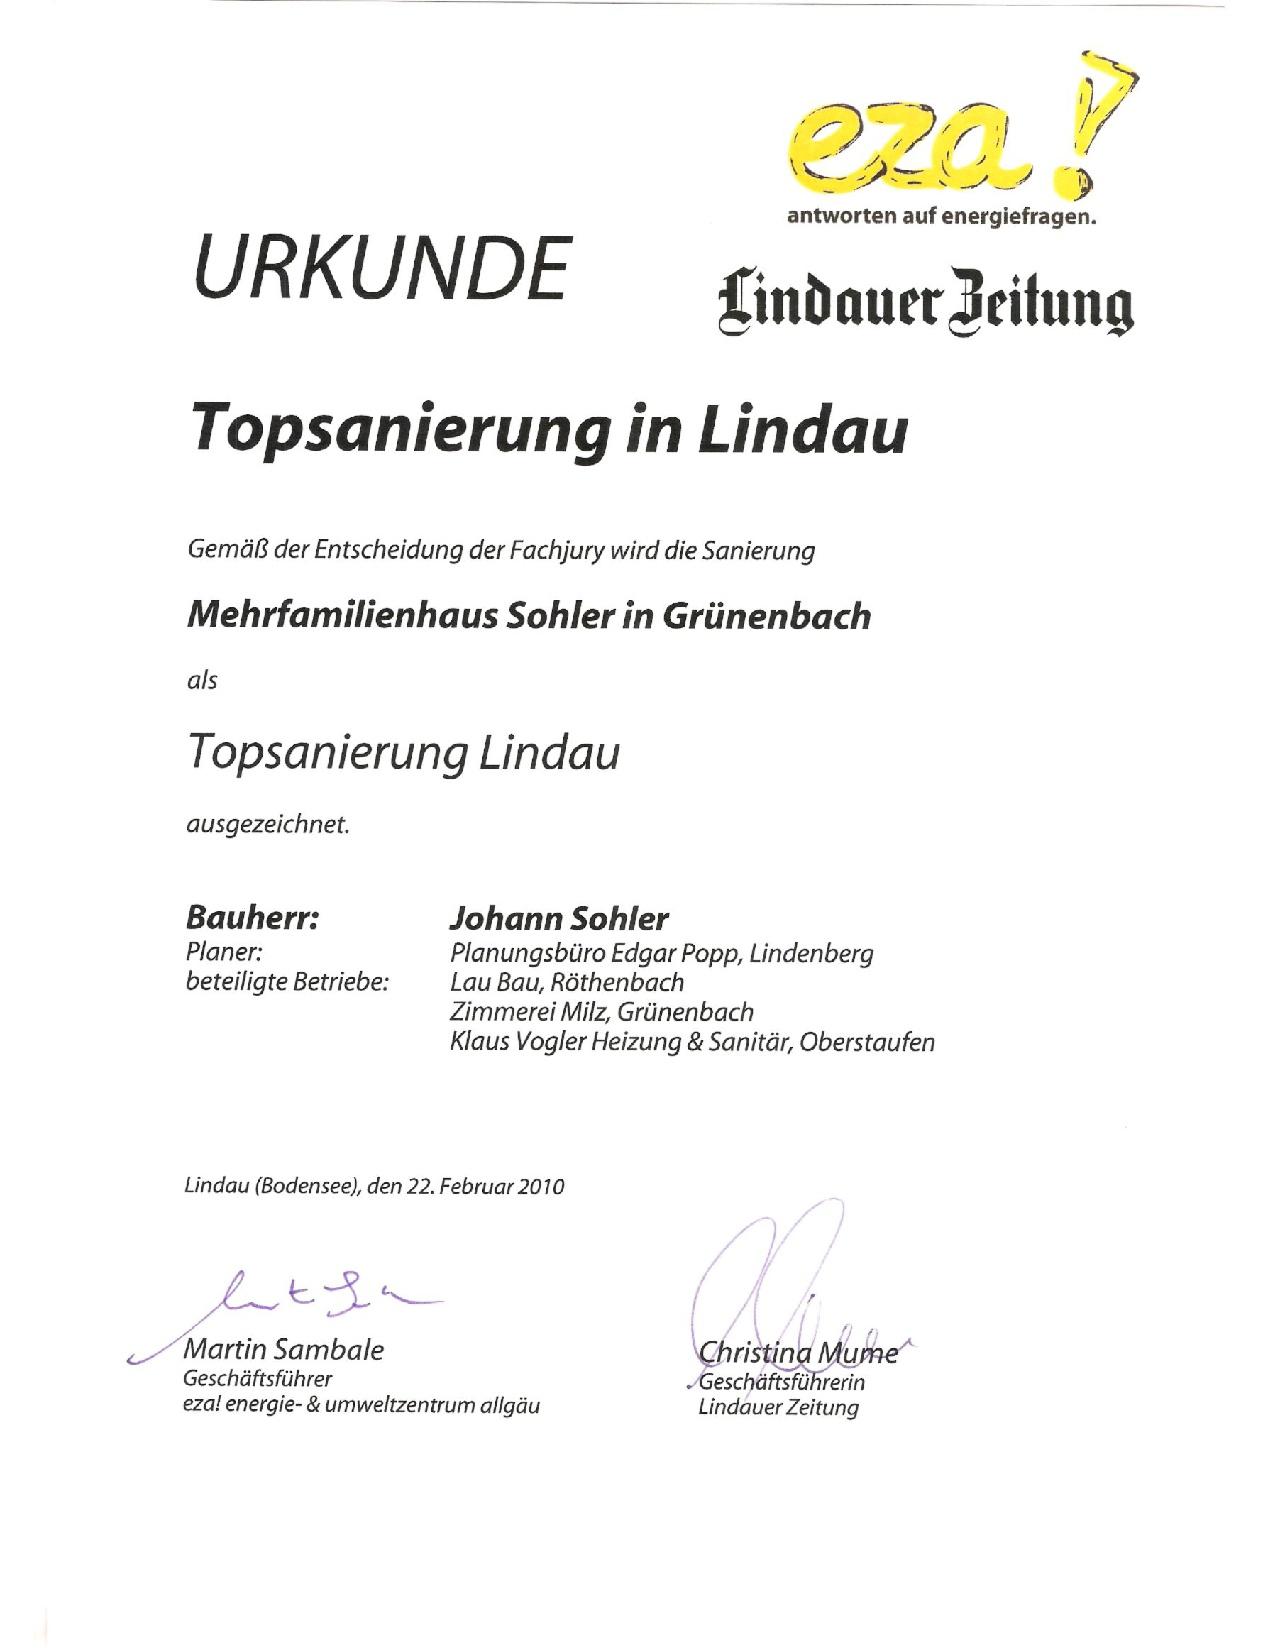 Urkunde, Topsanierung, Umbau und energetische Sanierung MFH in Grünenbach